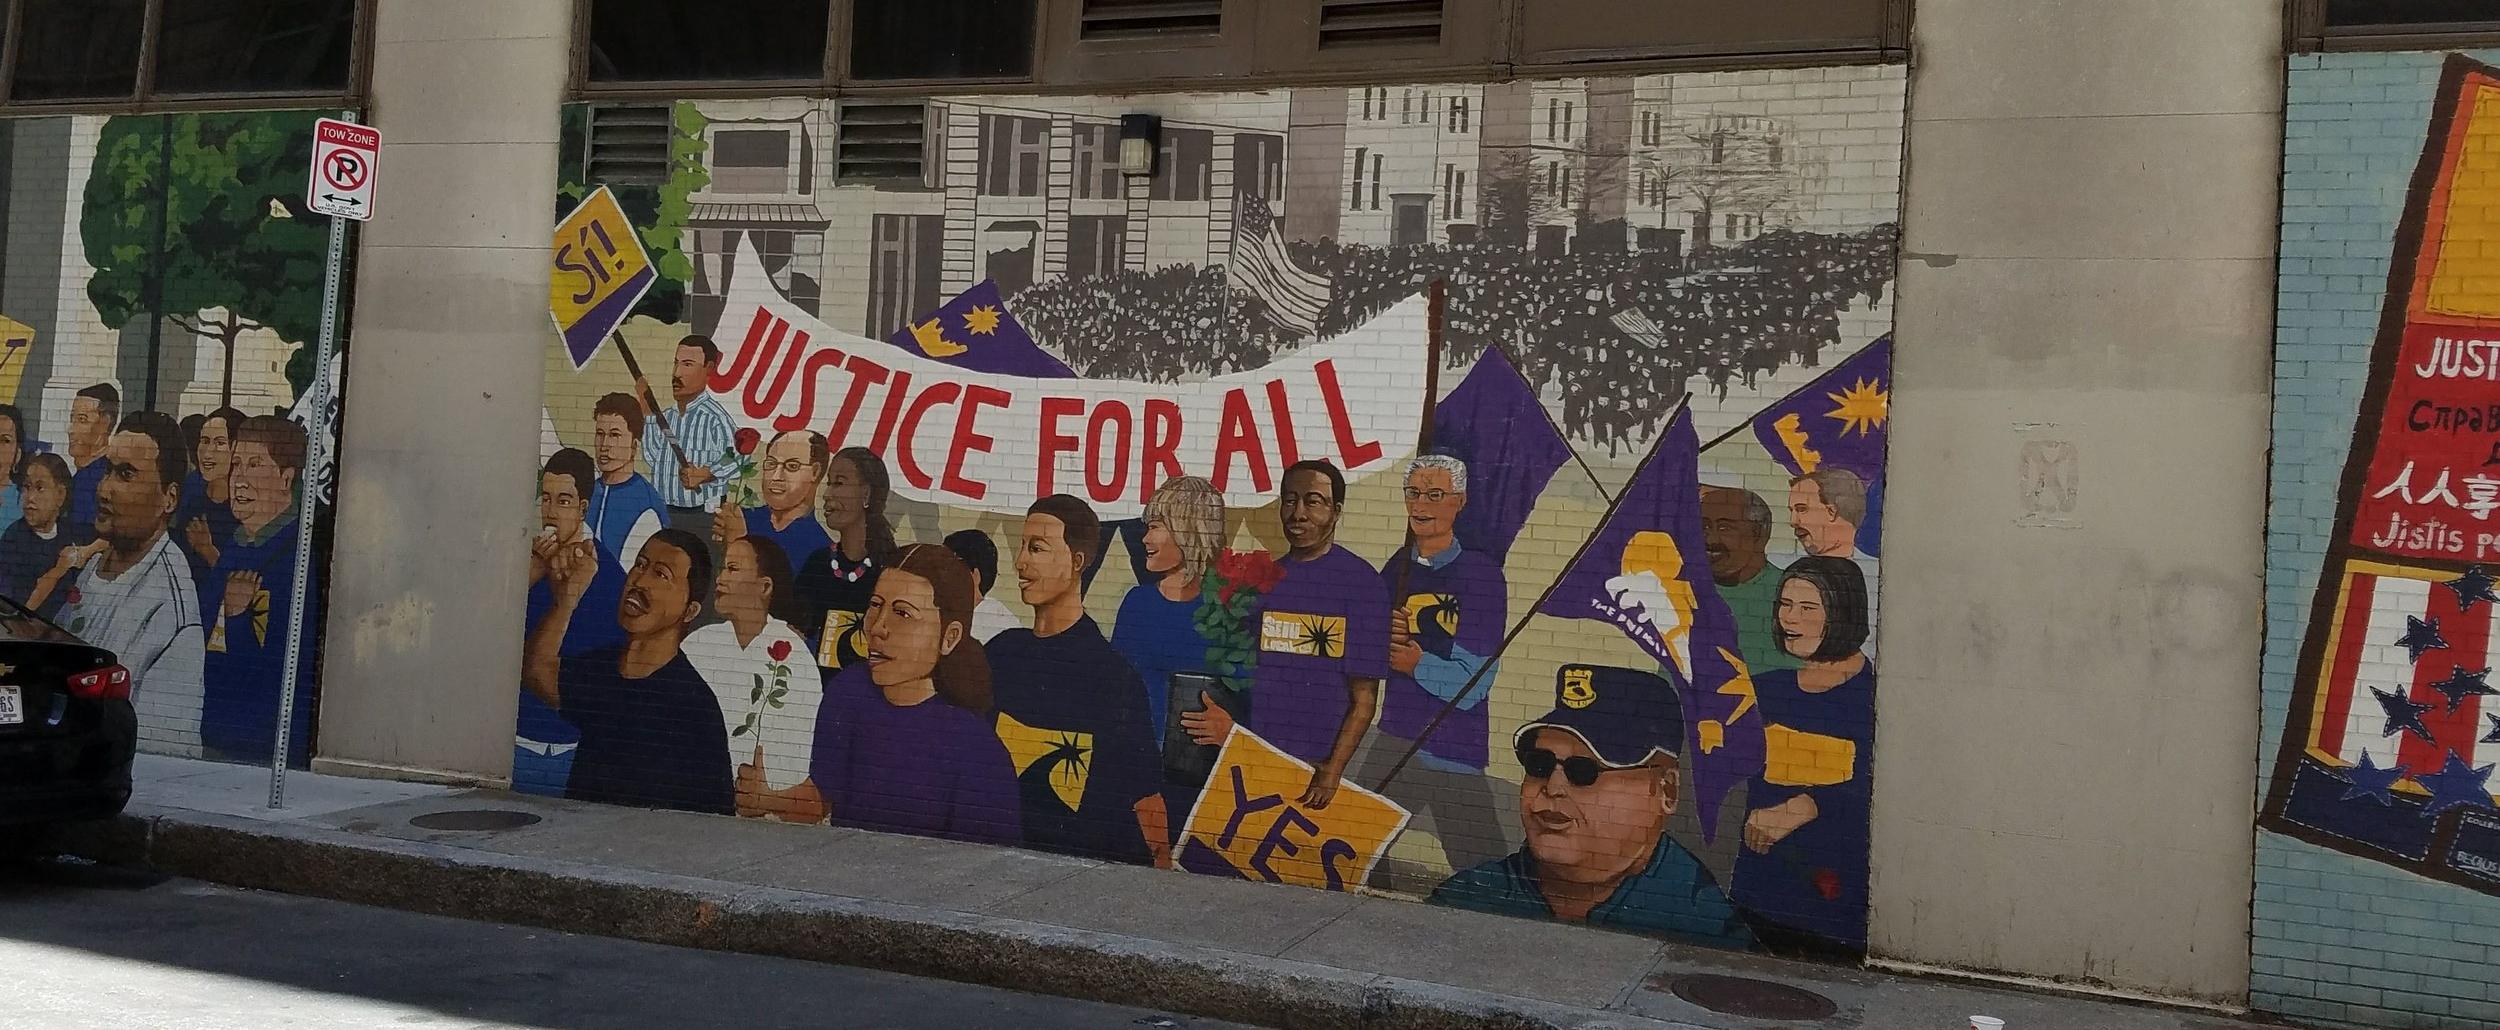 Powerful street art in Boston, MA.